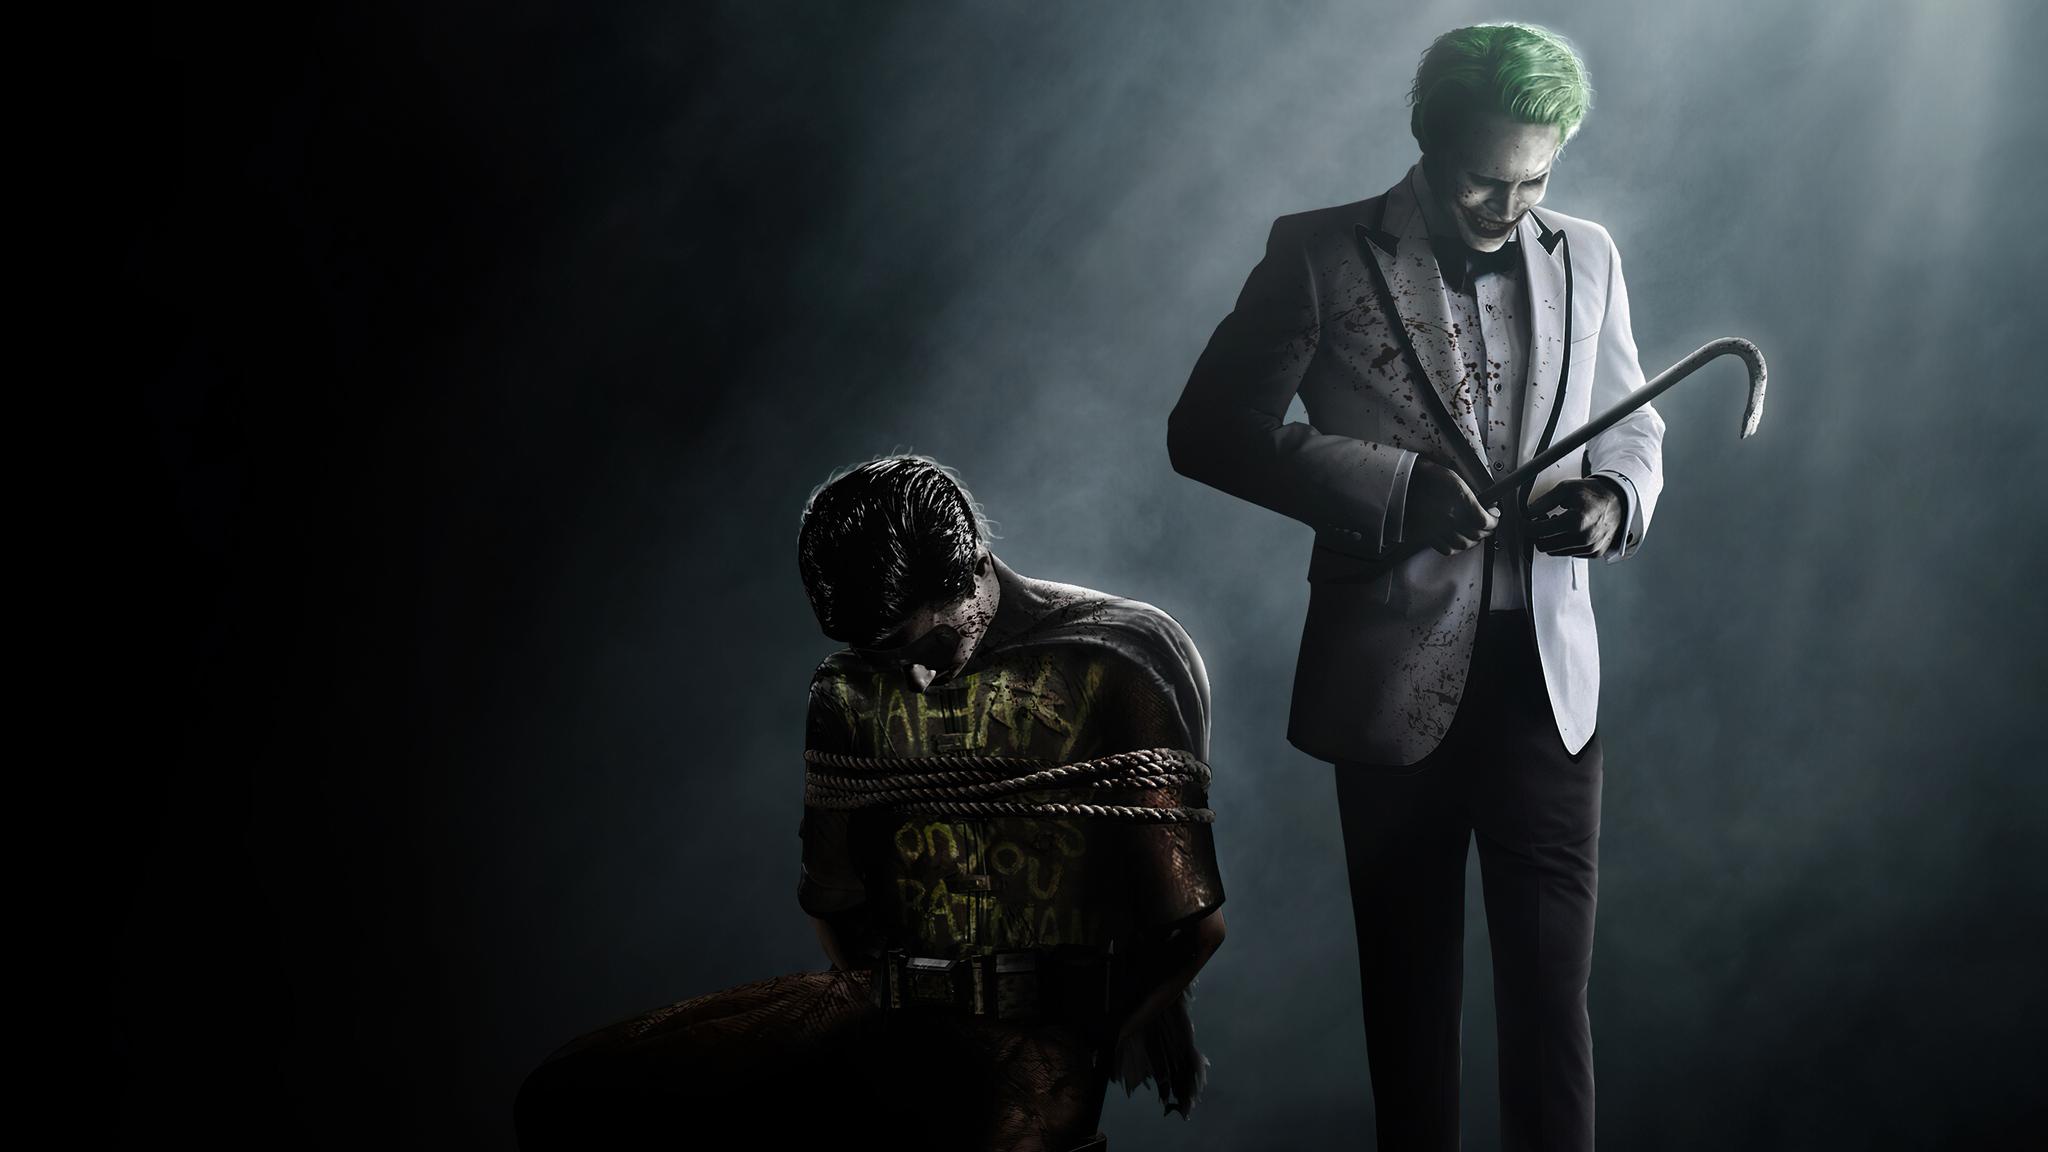 joker-kidnap-robin-4k-16.jpg